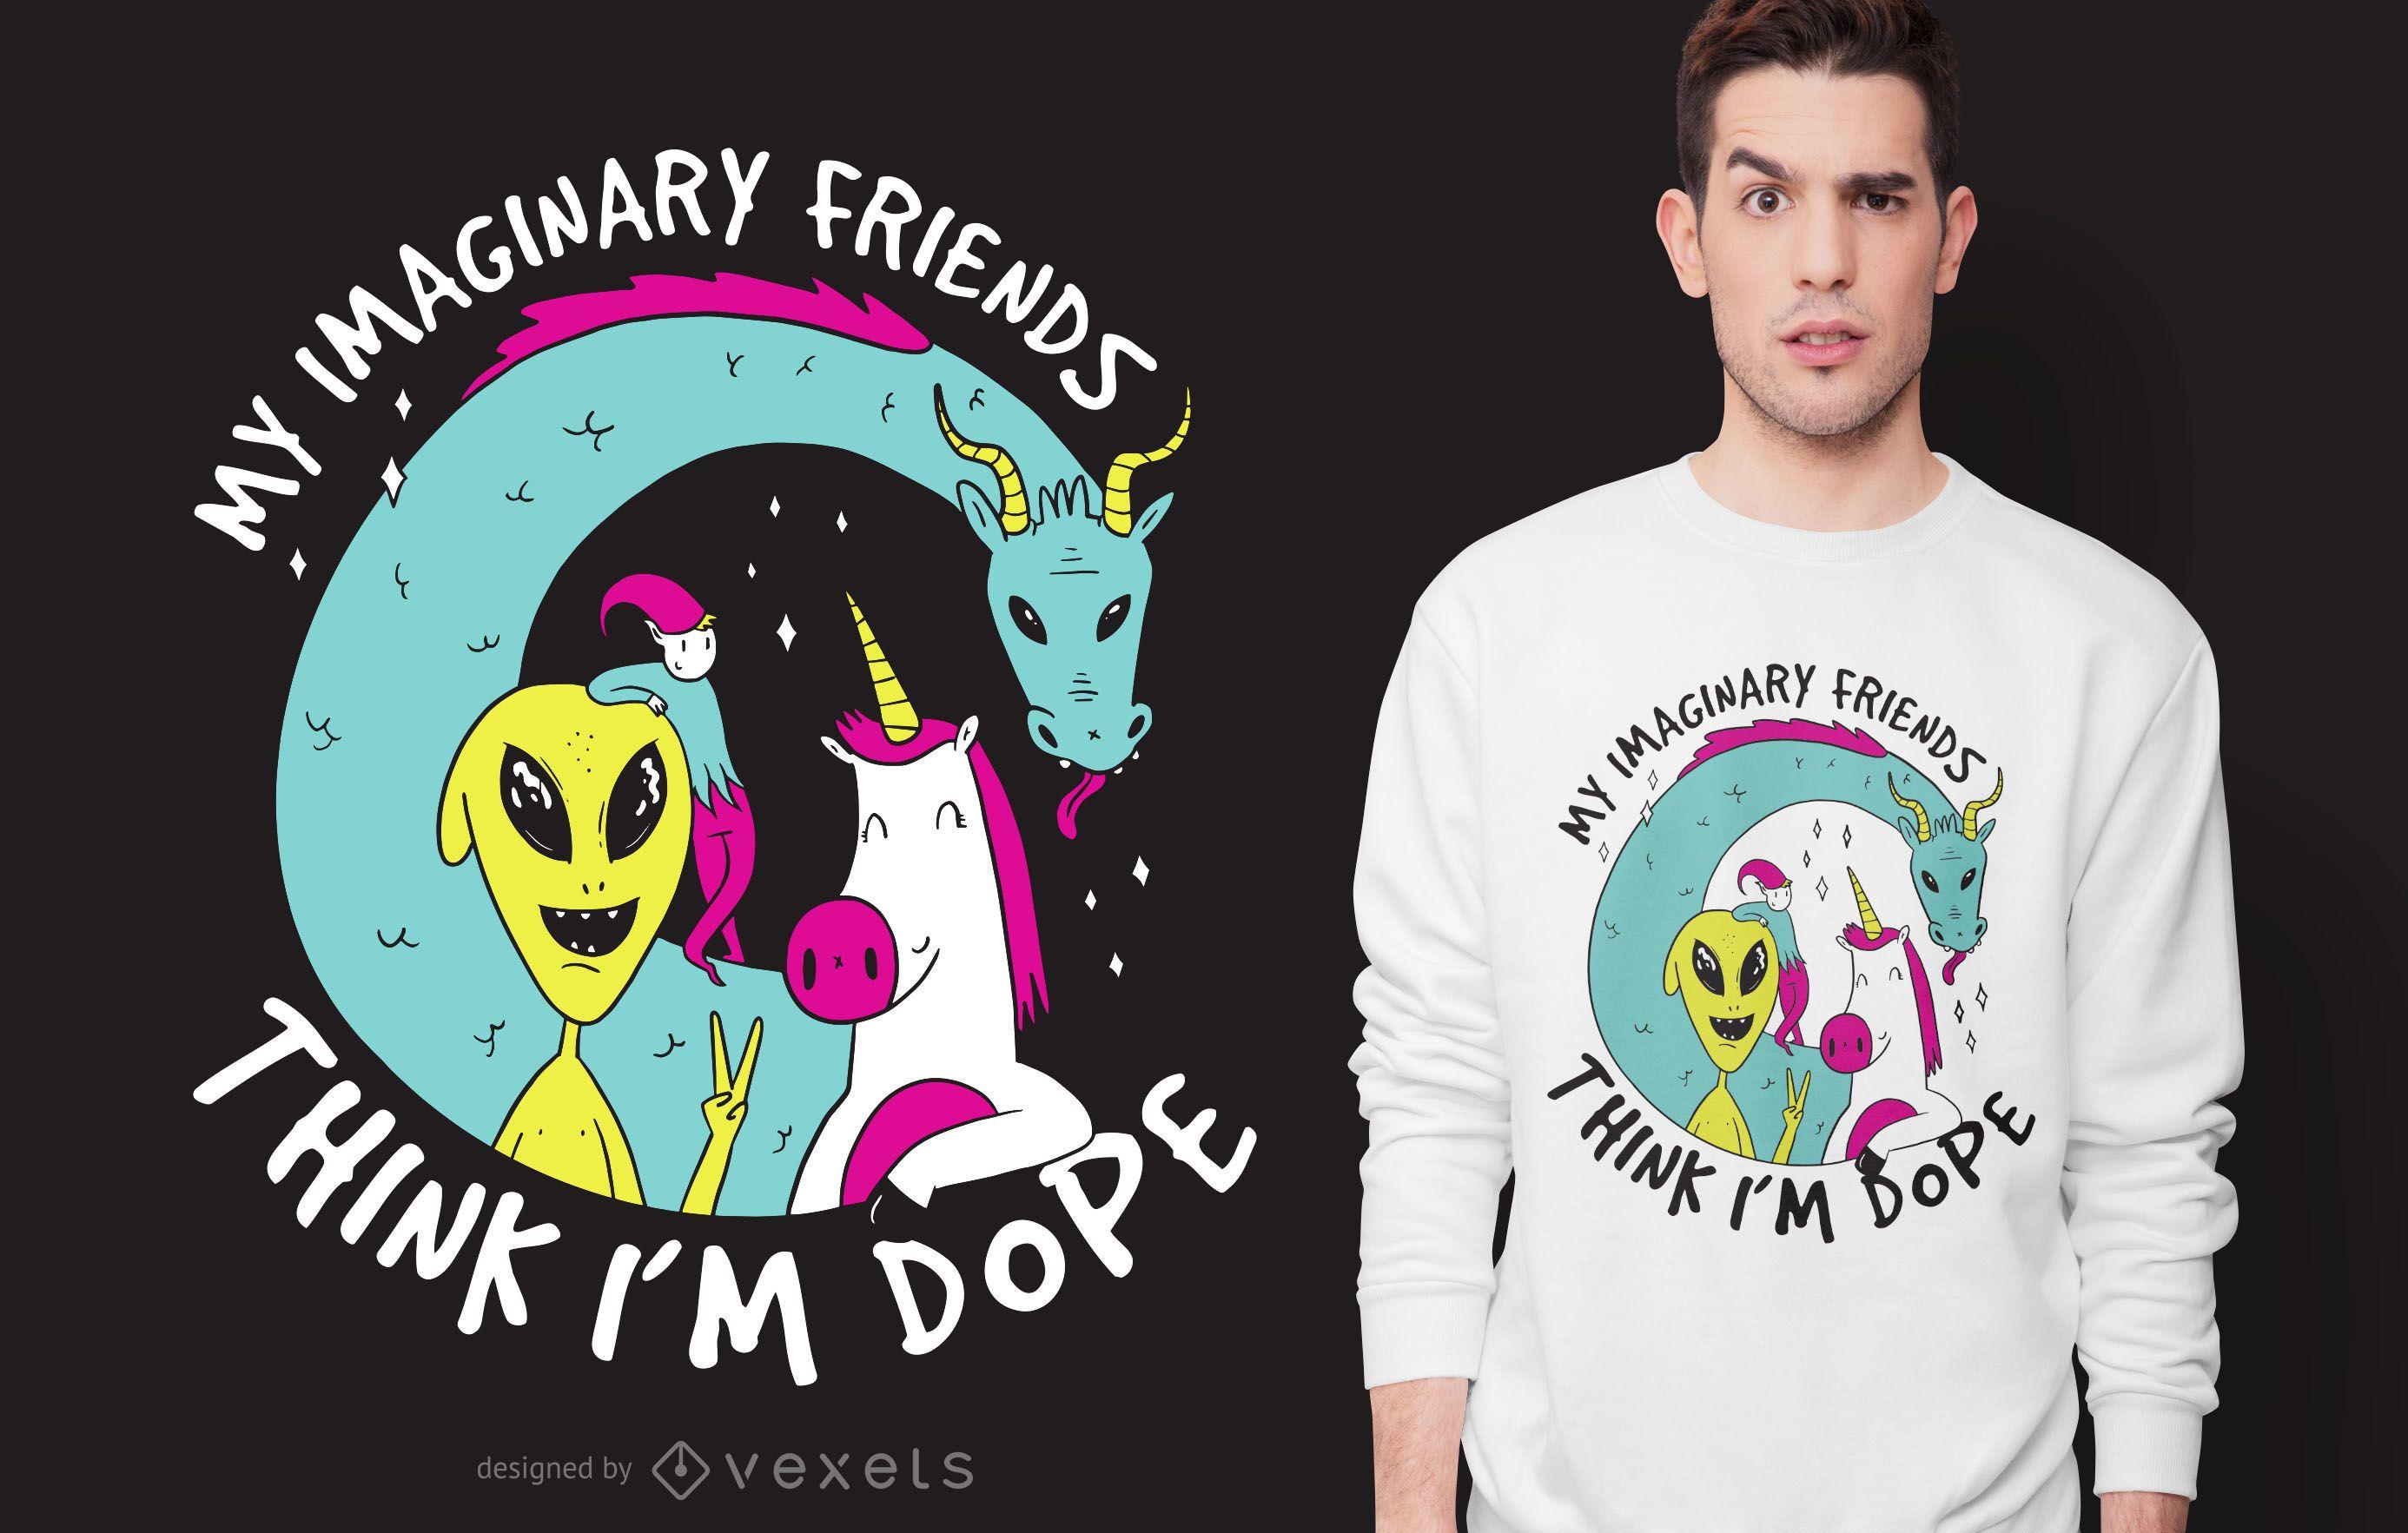 Imaginary friends t-shirt design